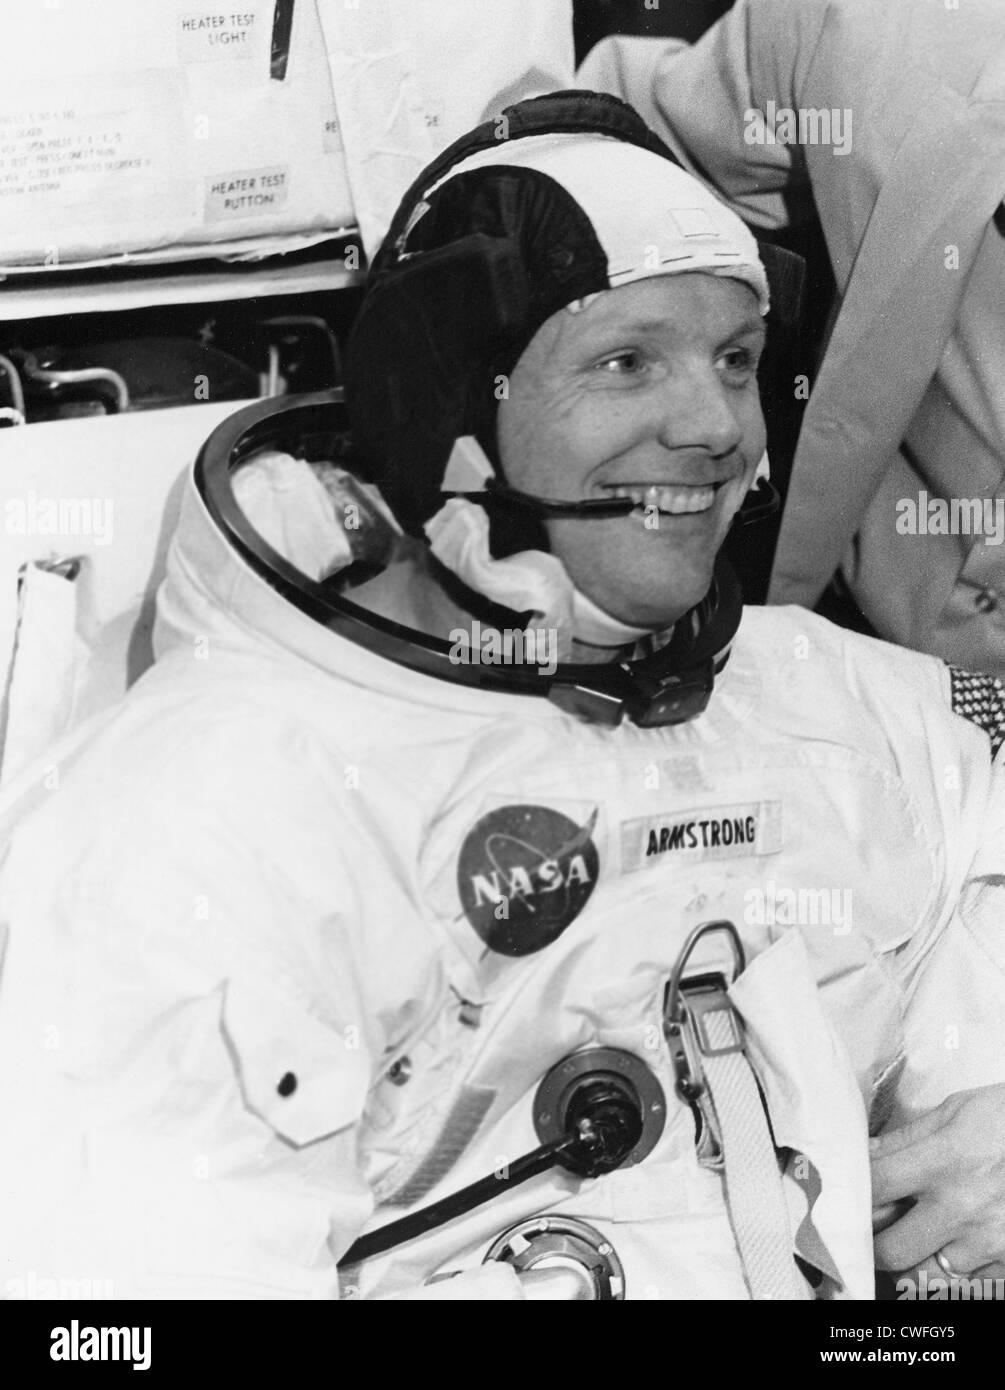 NASA Astronaut Neil Armstrong, Apollo 11 Kommandant, 18. April 1969 bemannte Raumfahrzeuge Center, Houston, TX. Stockfoto